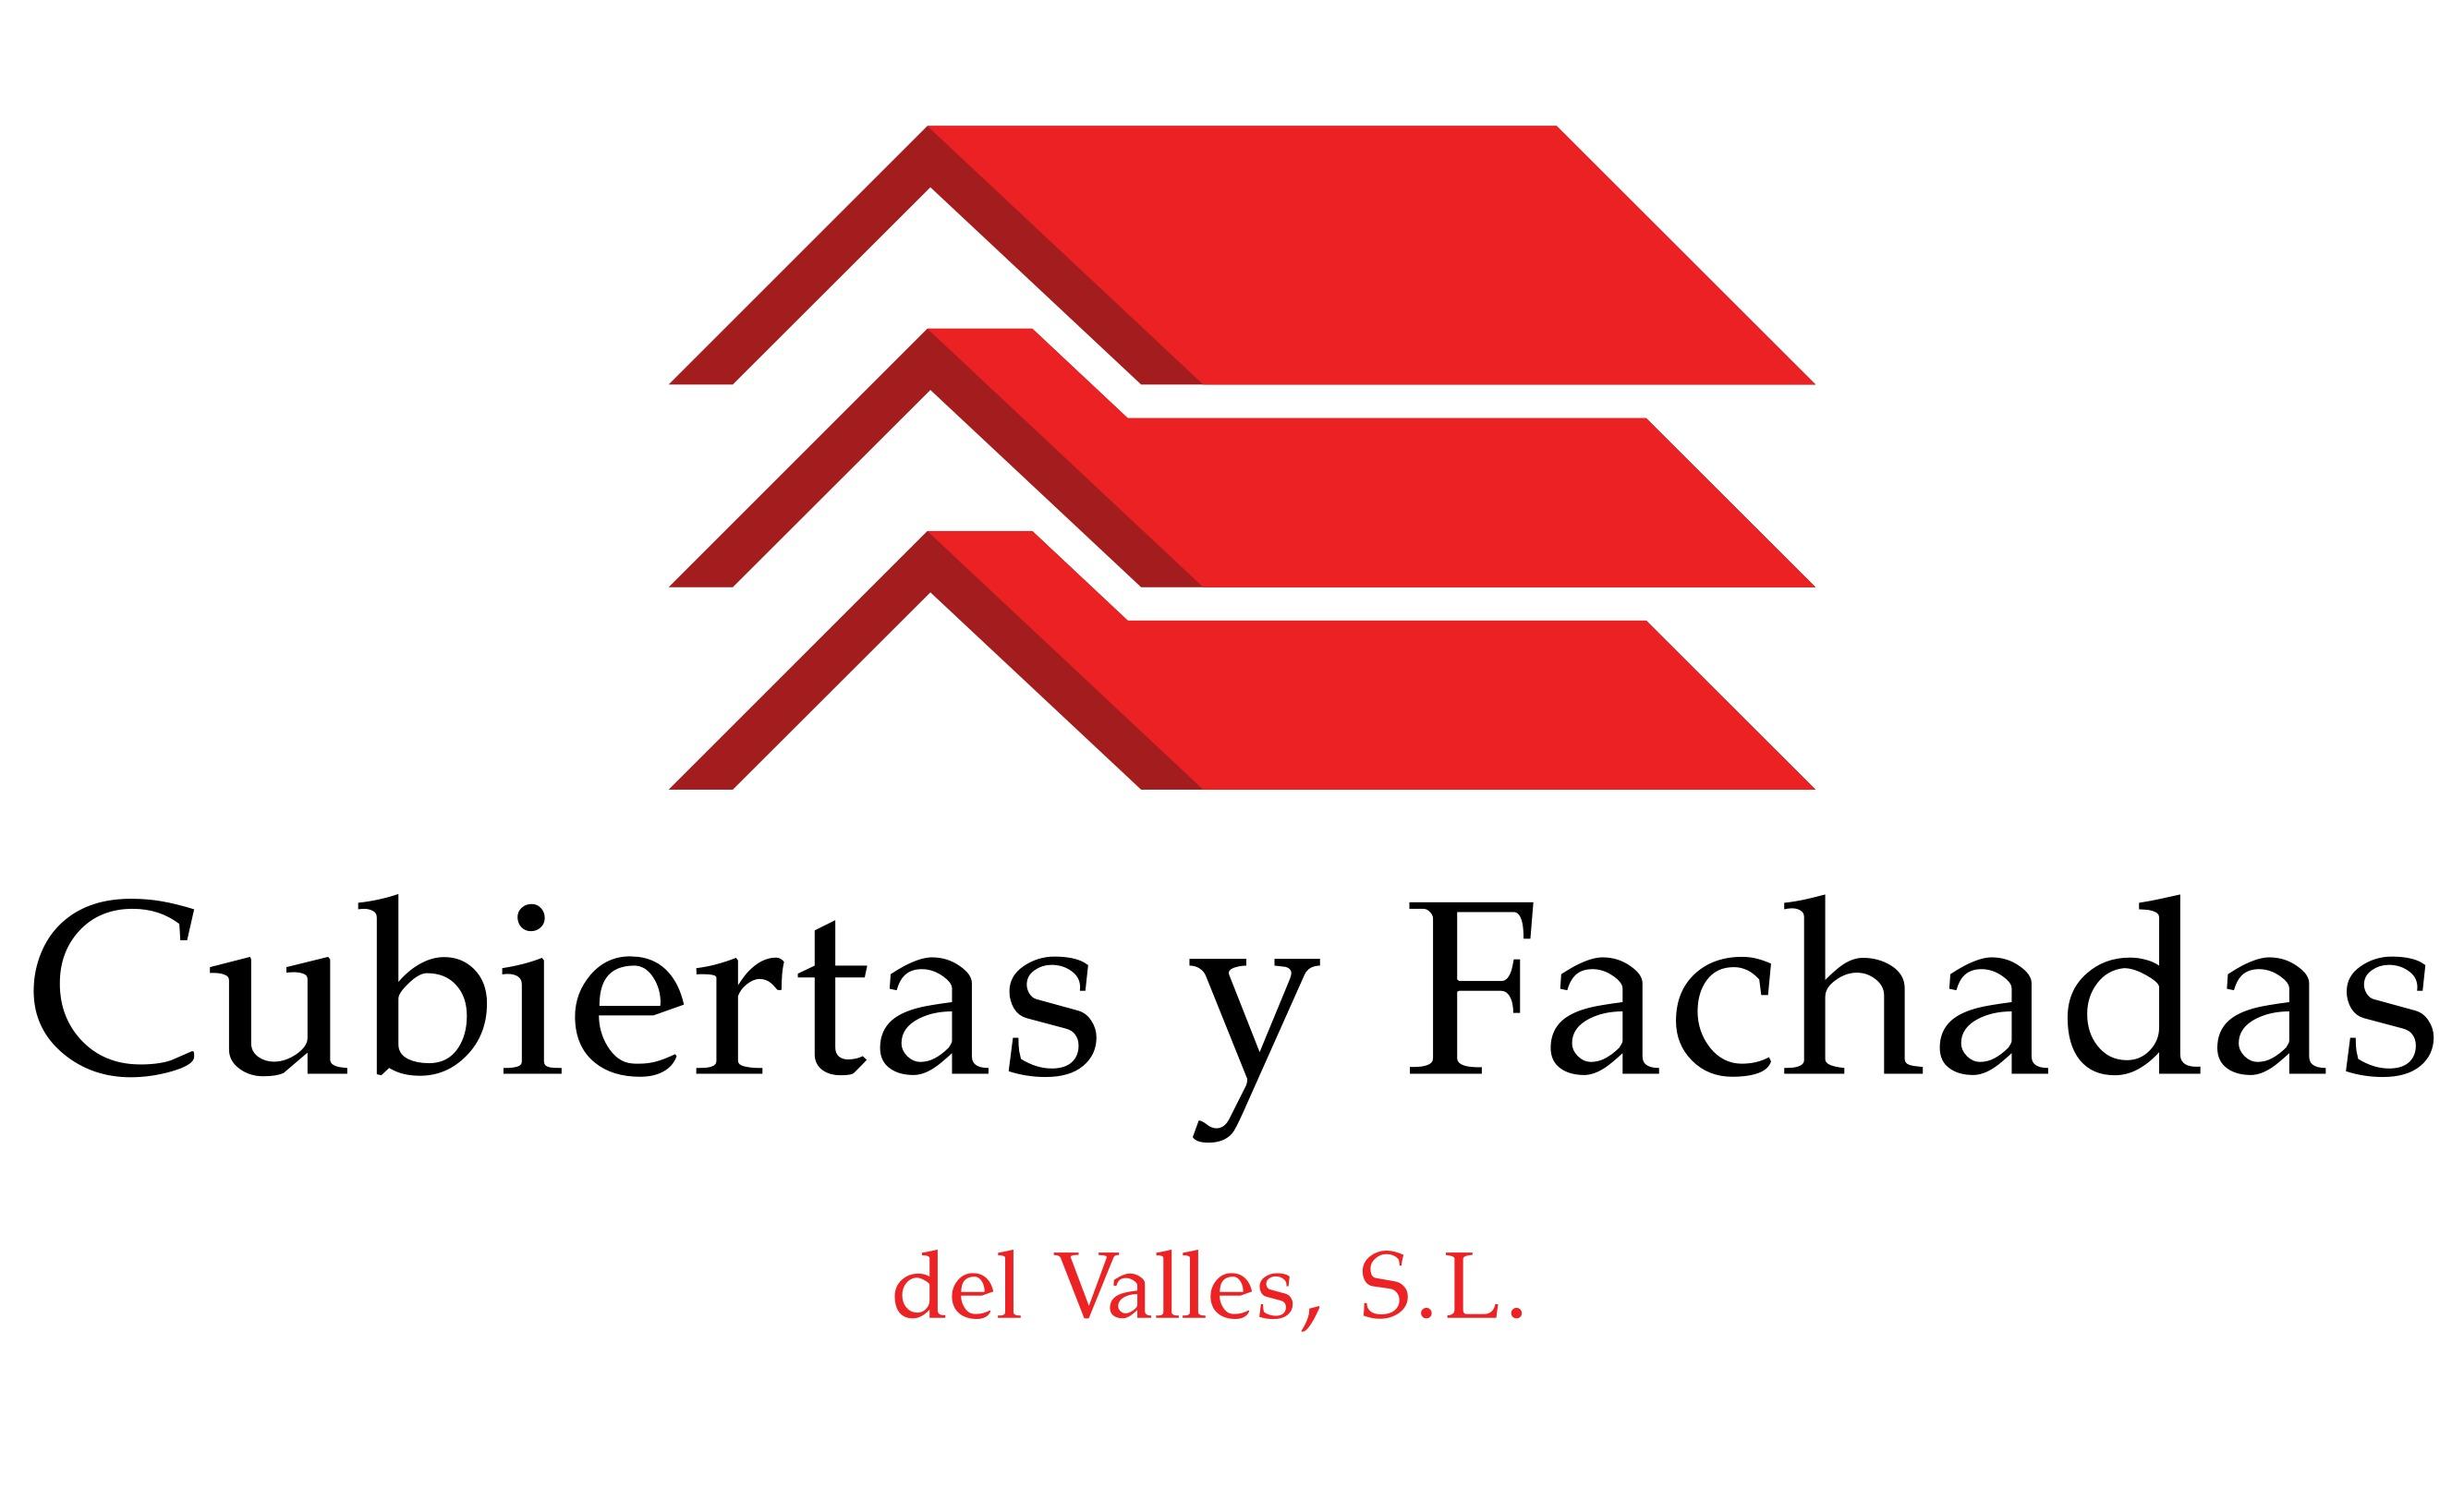 Cubiertas Y Fachadas Del Valles, S.l.